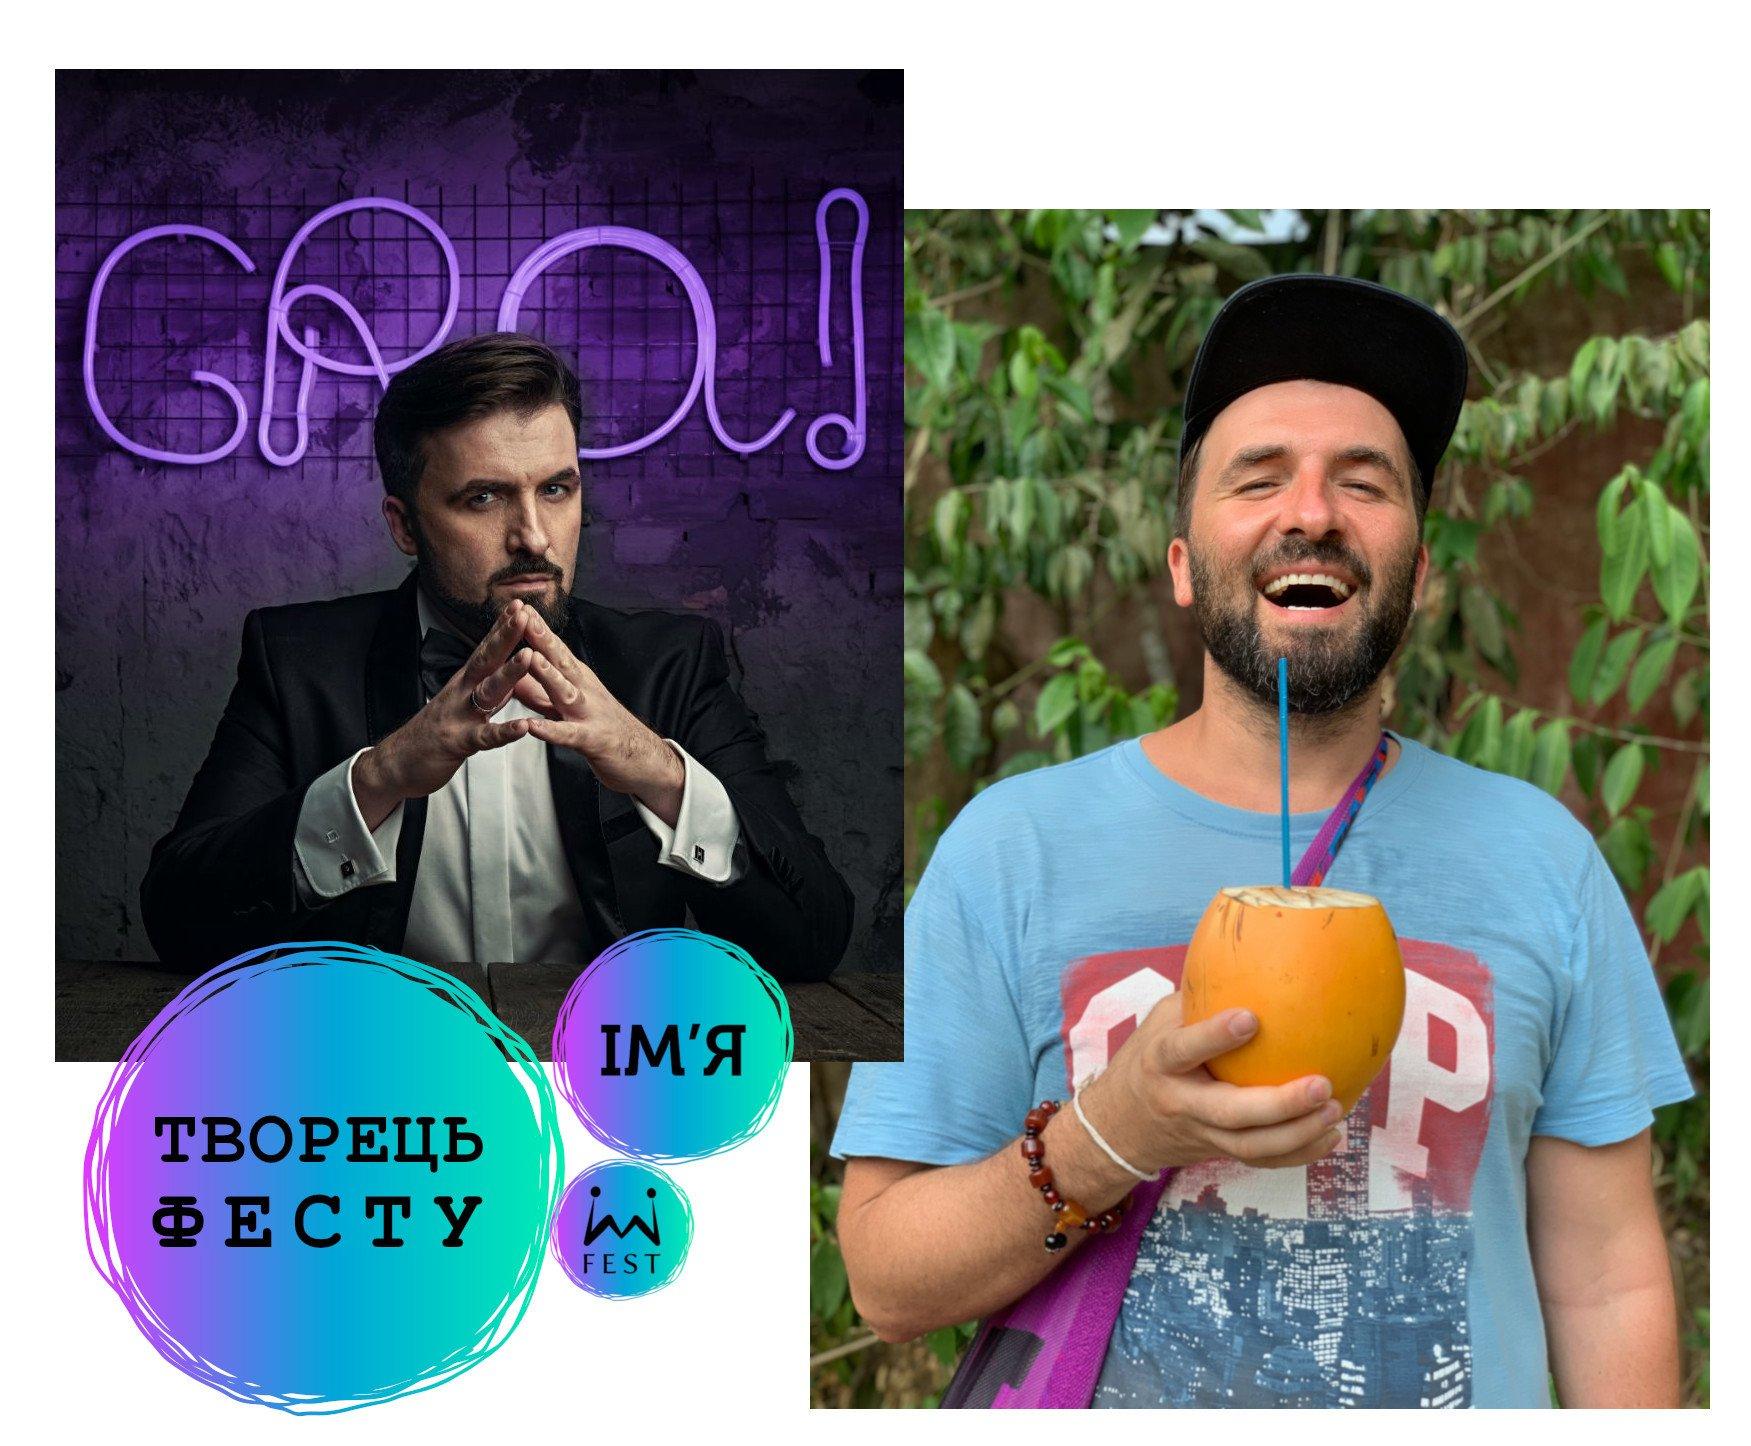 Фестиваль импровизации и медитации «ИМЯ»: интервью с основателем Юрием Кляцкиным